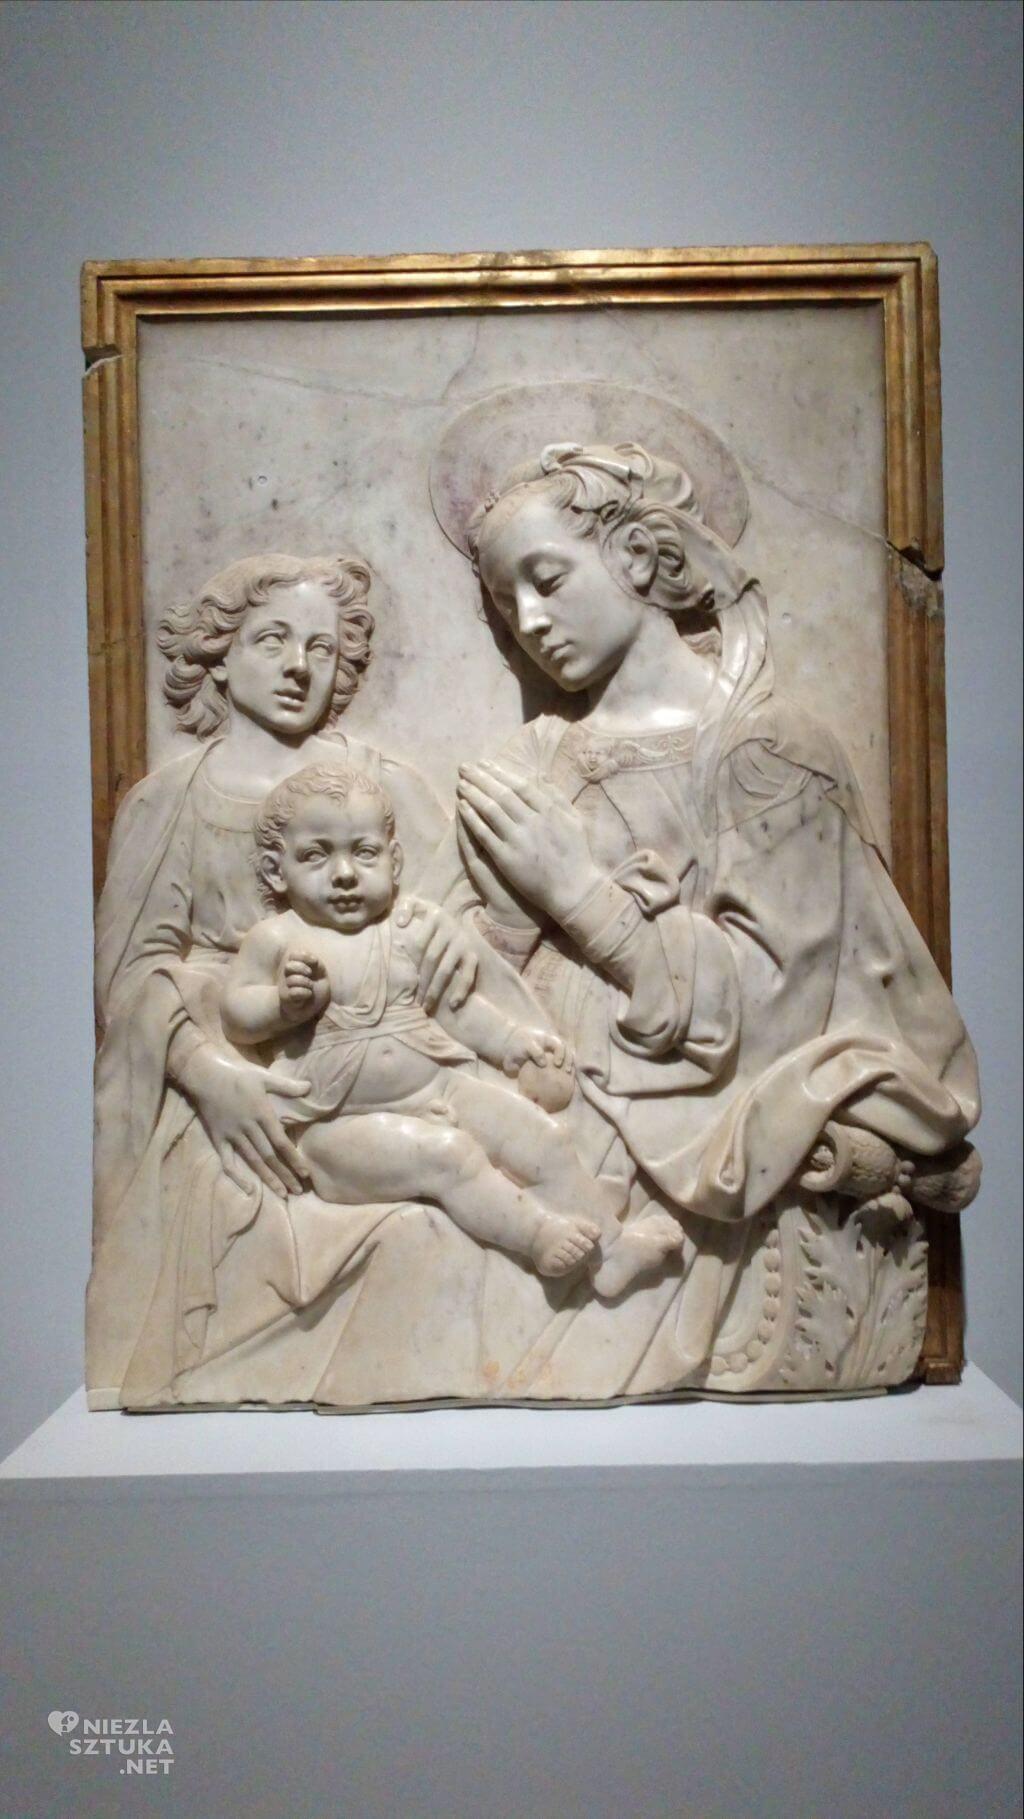 Andrea del Verrocchio i warsztat, Madonna z Dzieciątkiem i aniołem, płaskorzeźba, sztuka włoska, Niezła sztuka